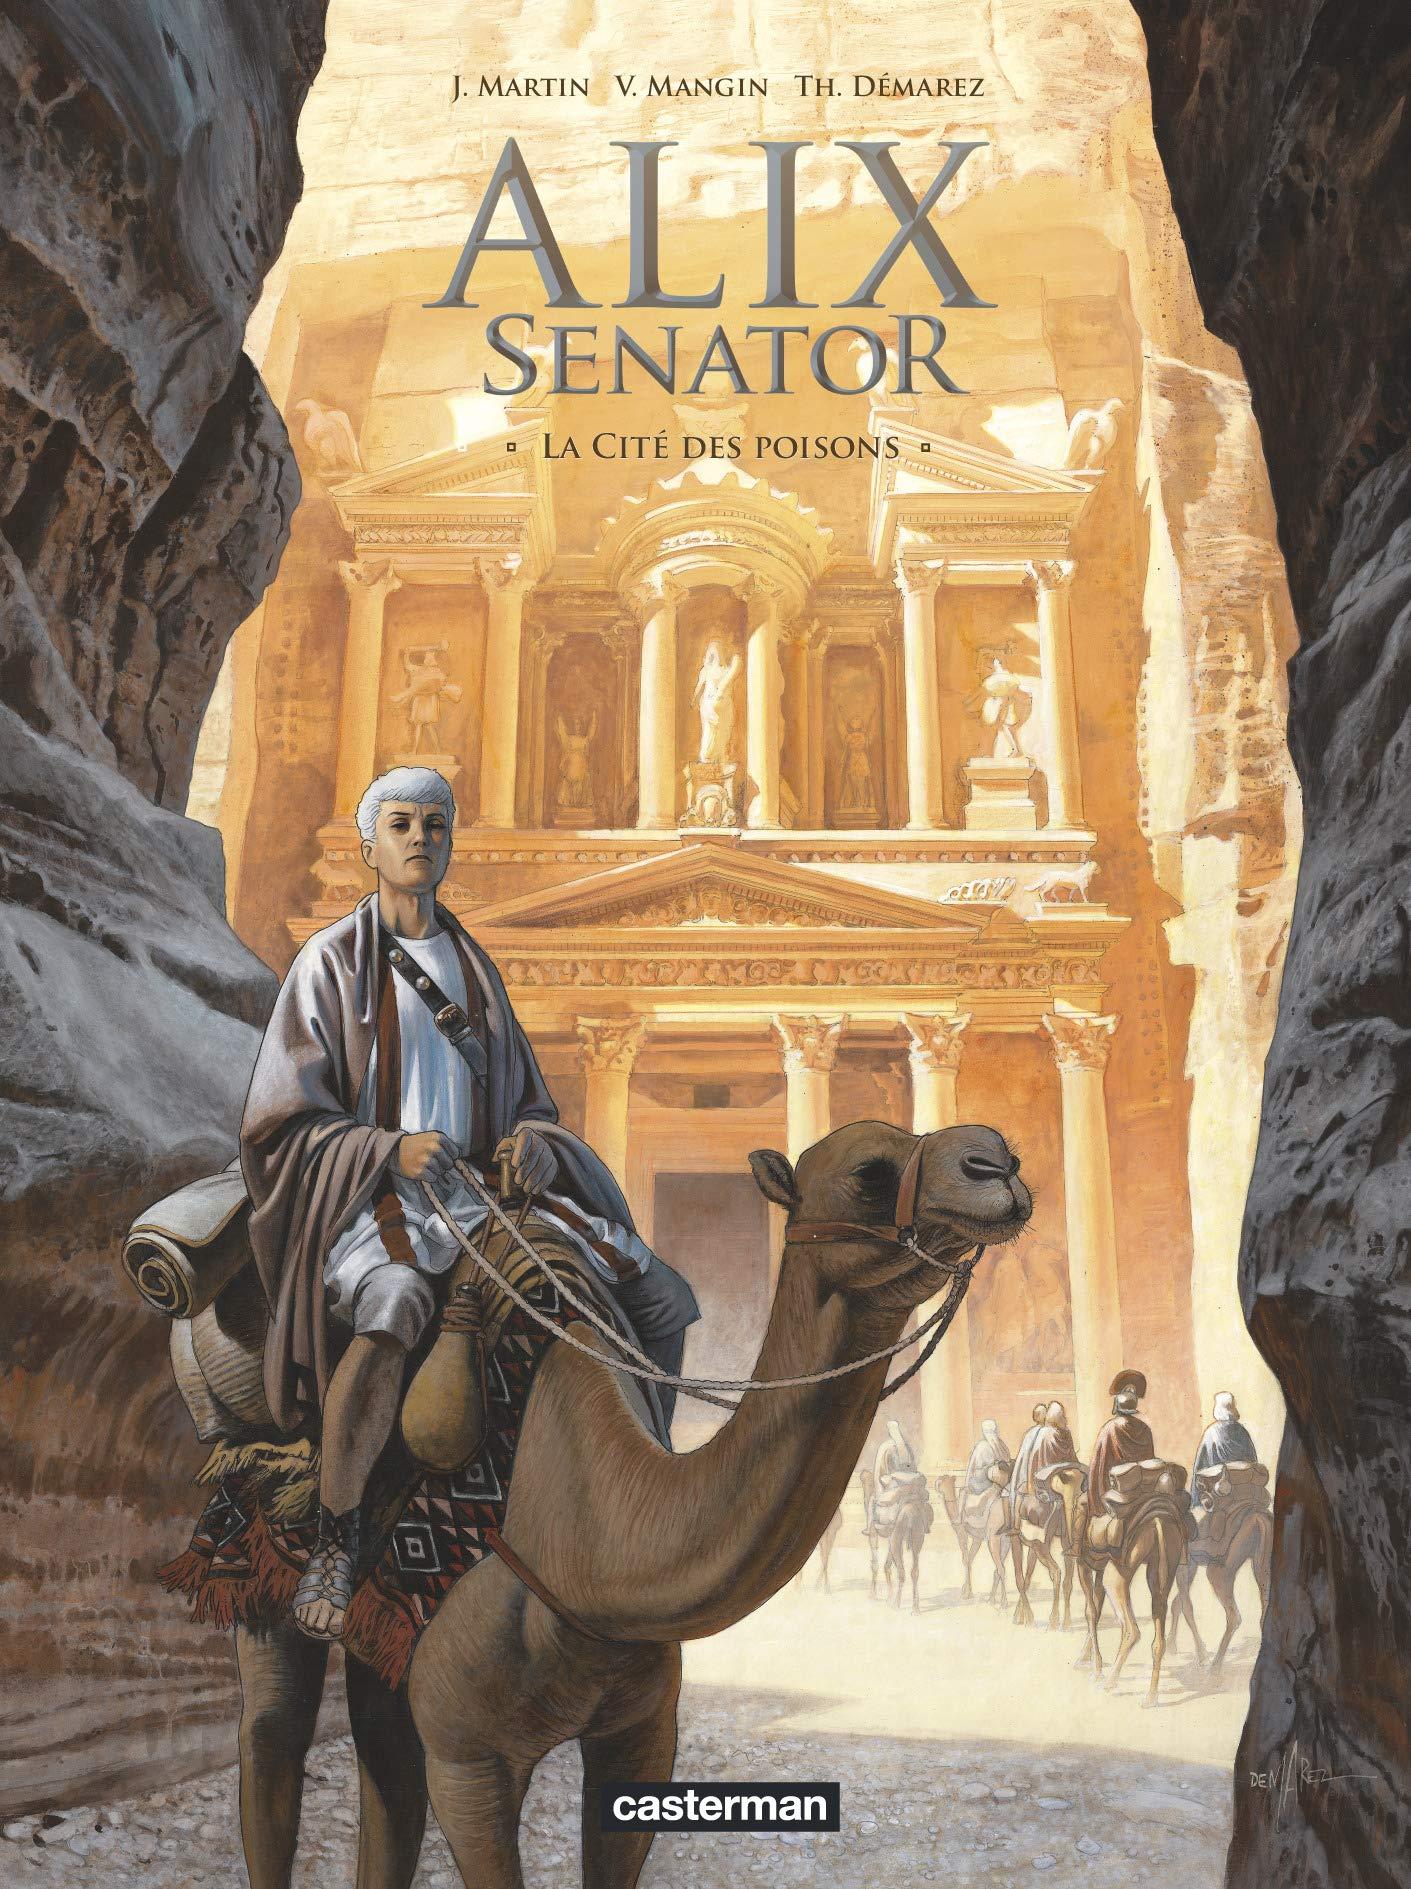 Alix senator 8 - La cité des poisons